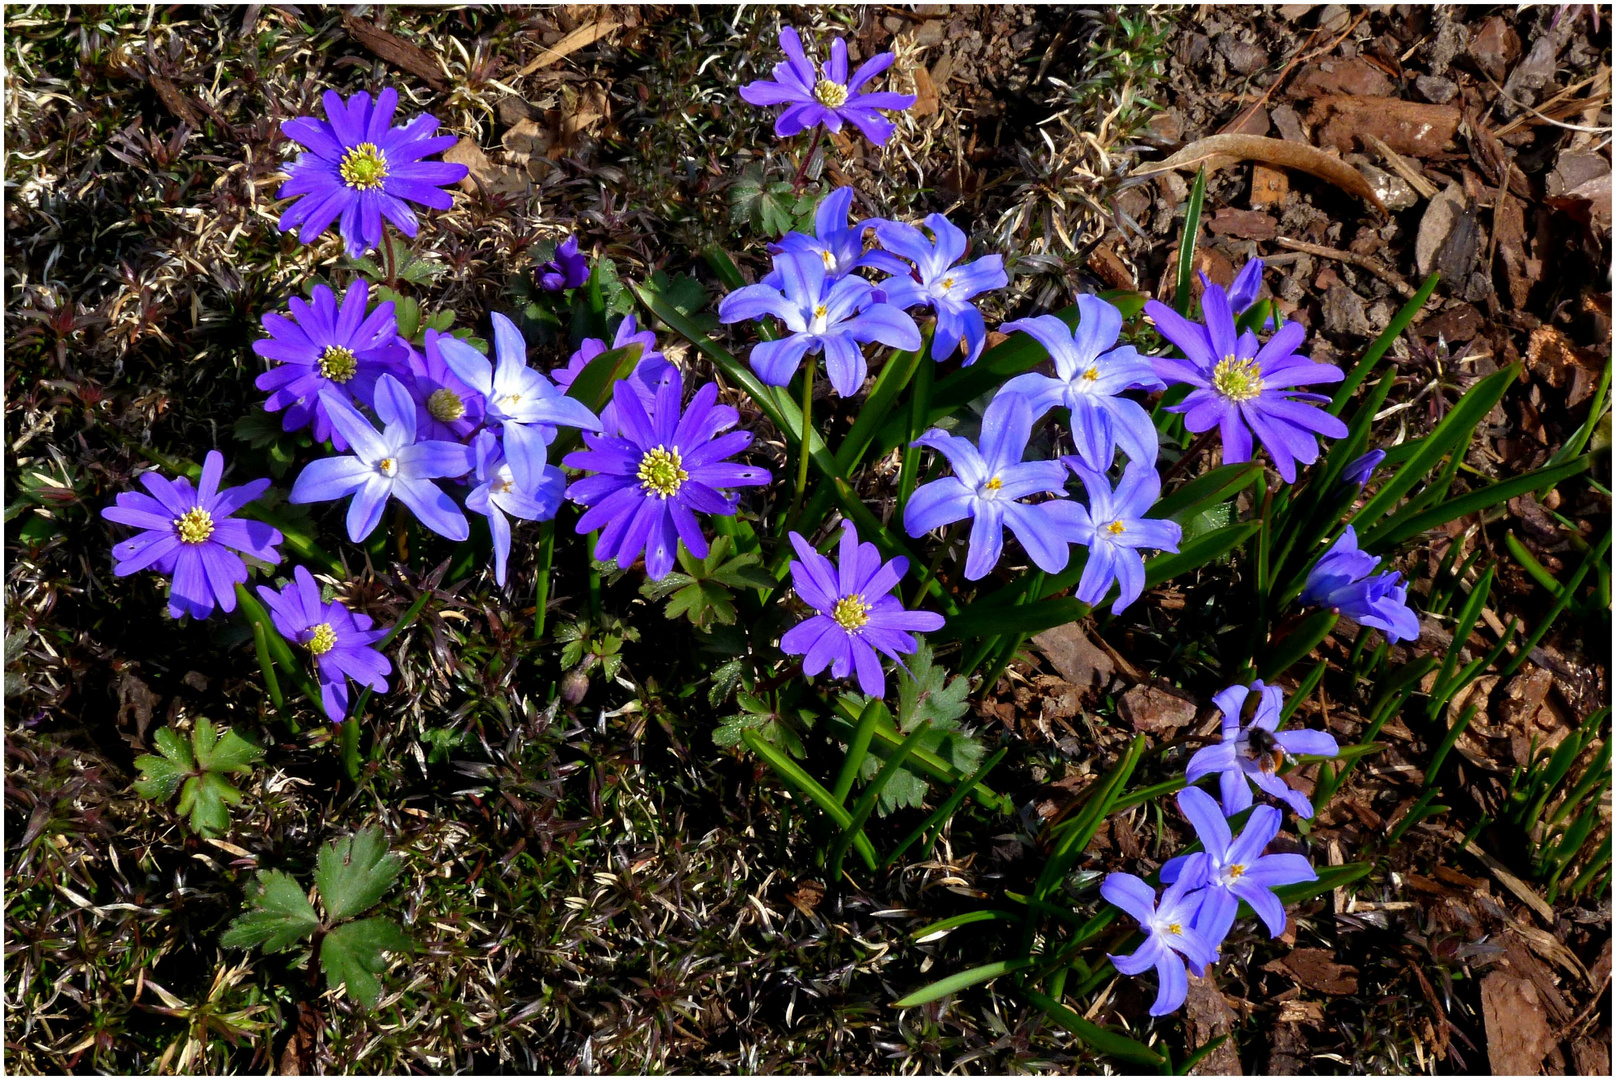 Blaue Anemonen und Sternhyazinthen